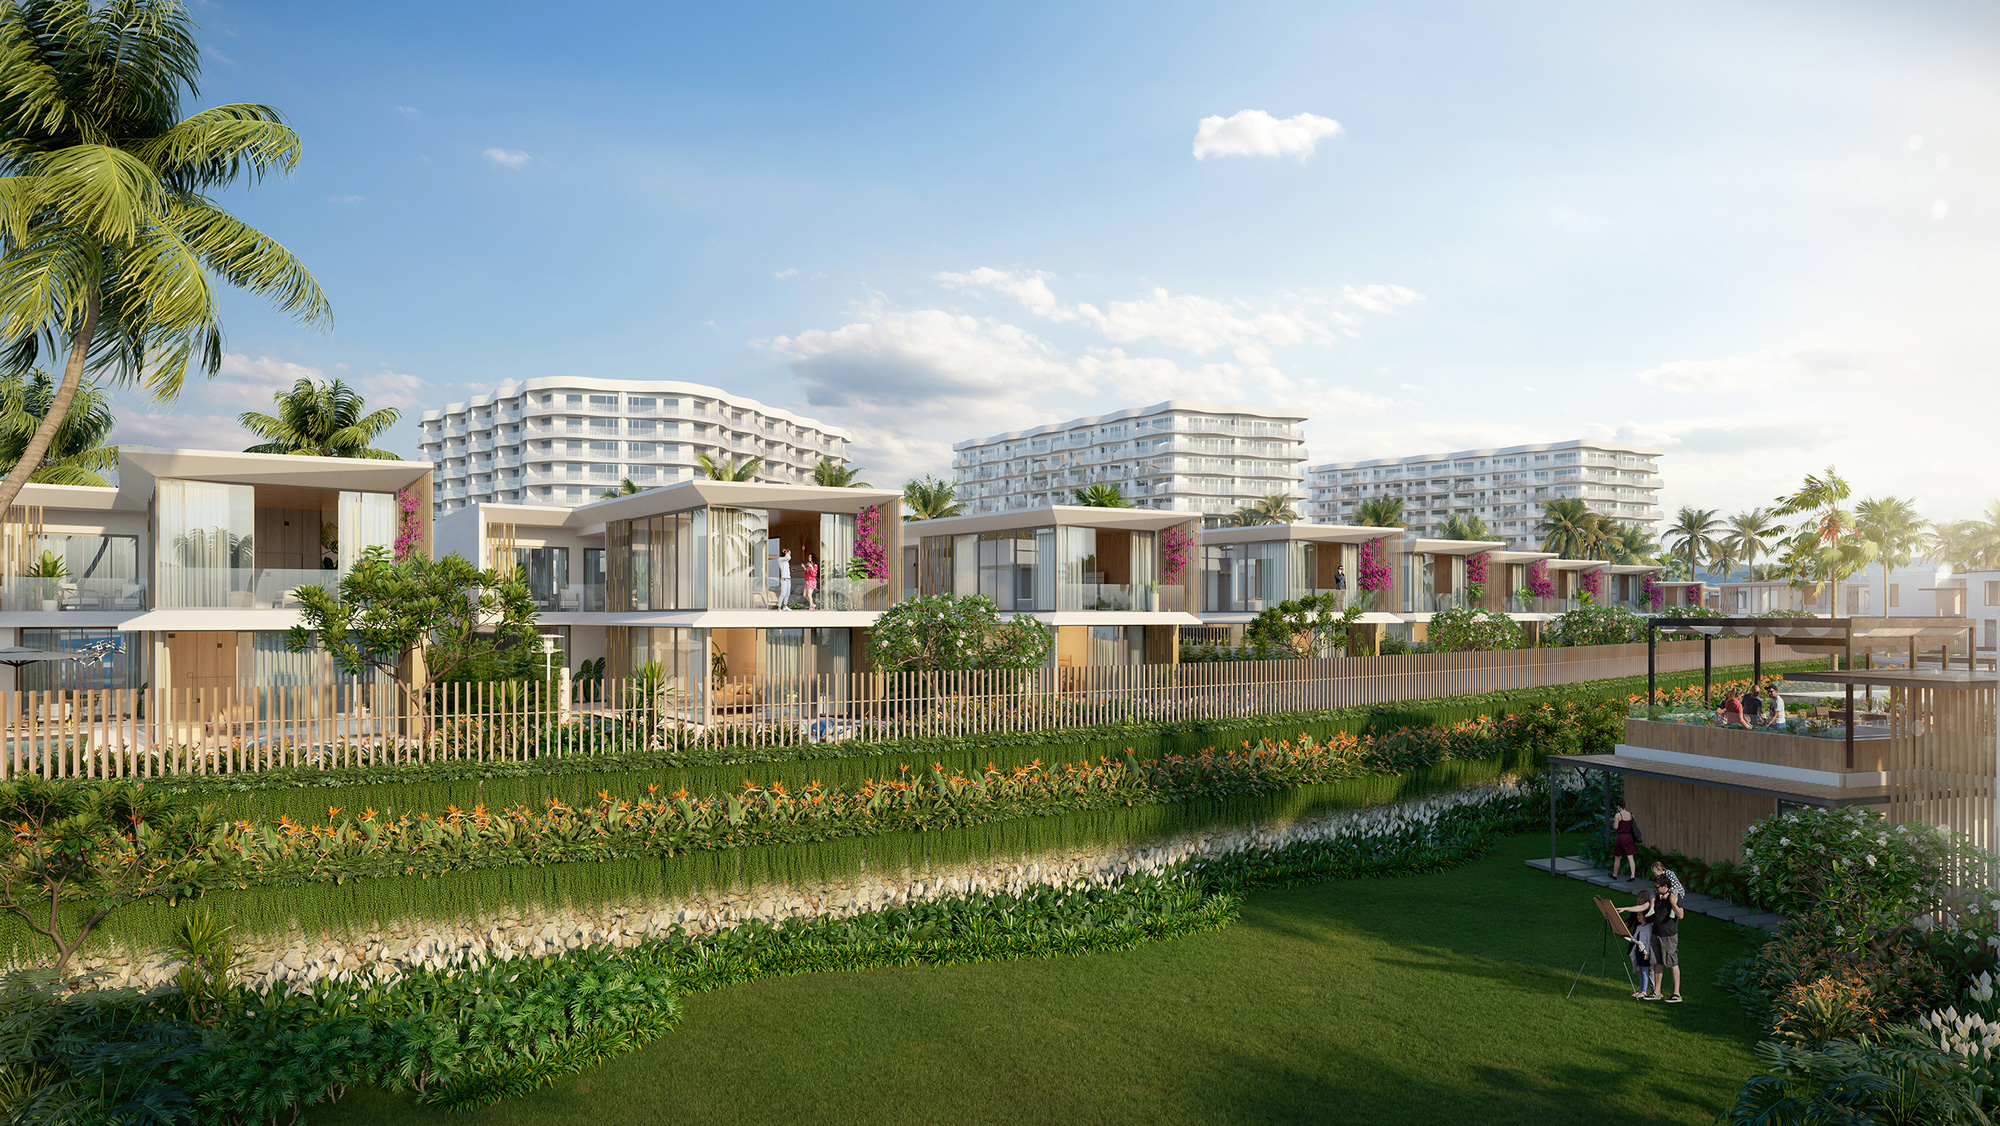 BĐS ven Hội An thắng thế nhờ dòng sản phẩm mới Shantira Beach Resort & Spa - Ảnh 12.